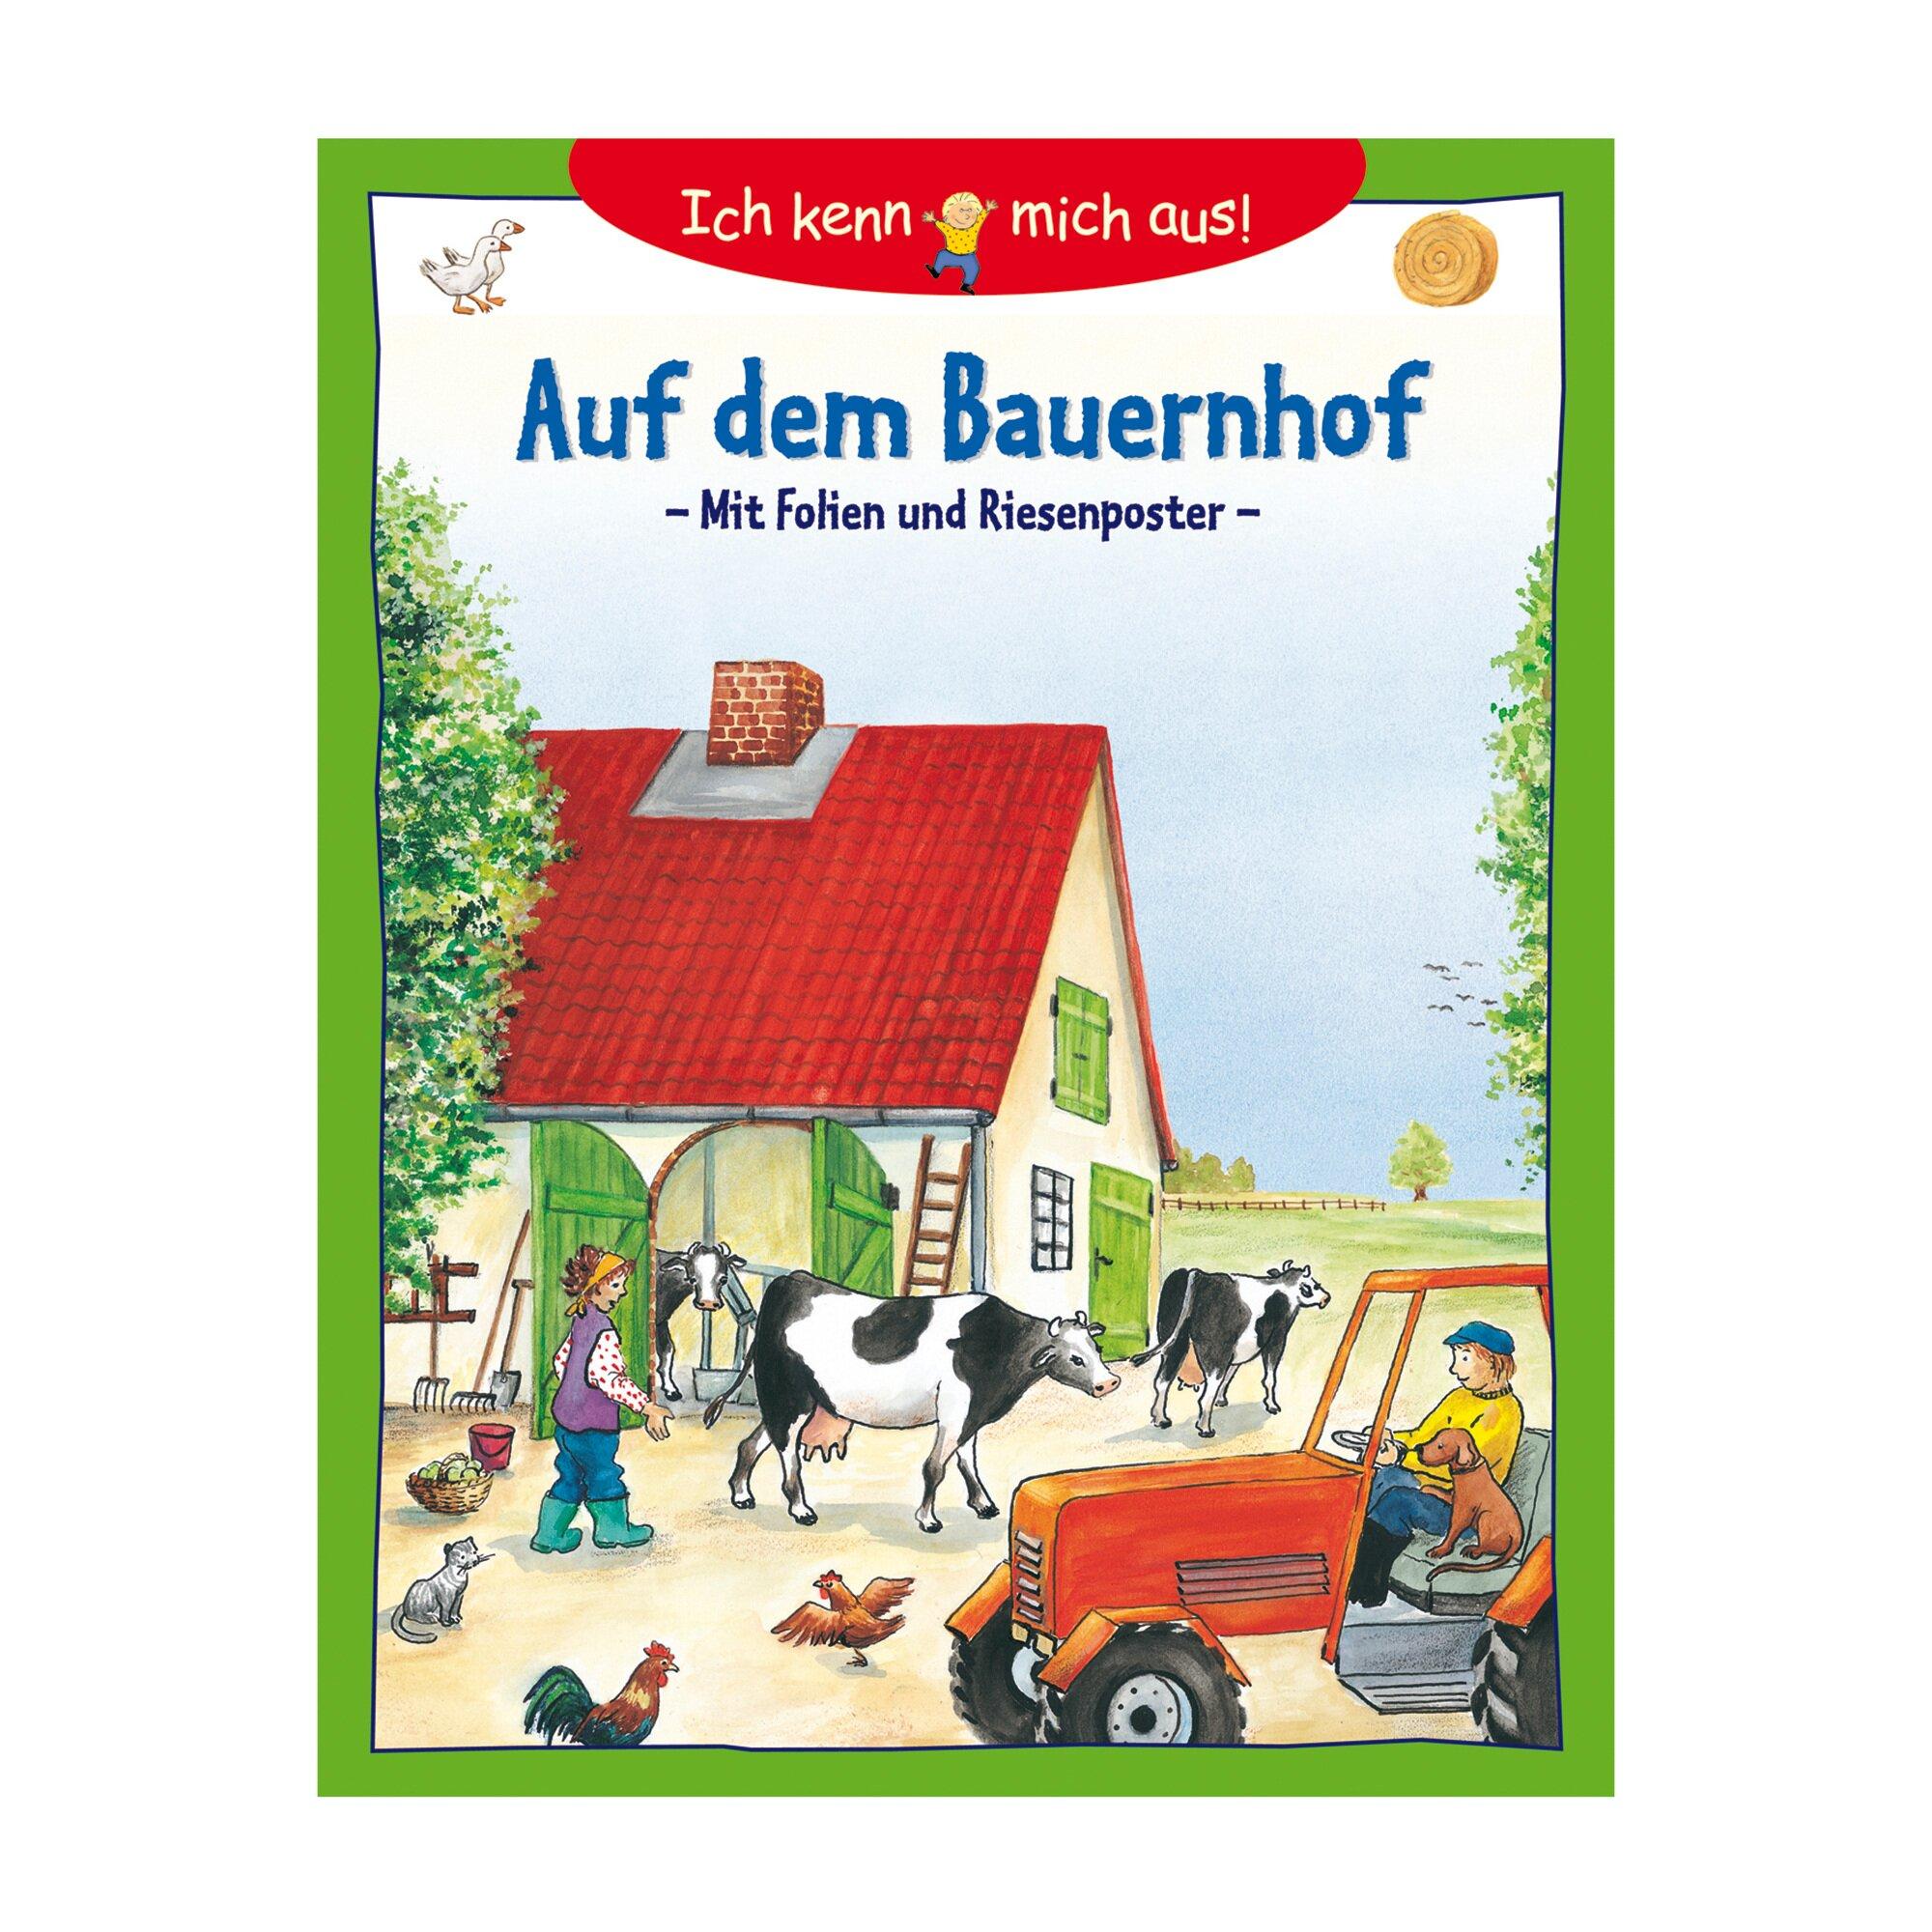 Sachbuch-Ich kenn mich aus! Auf dem Bauernhof